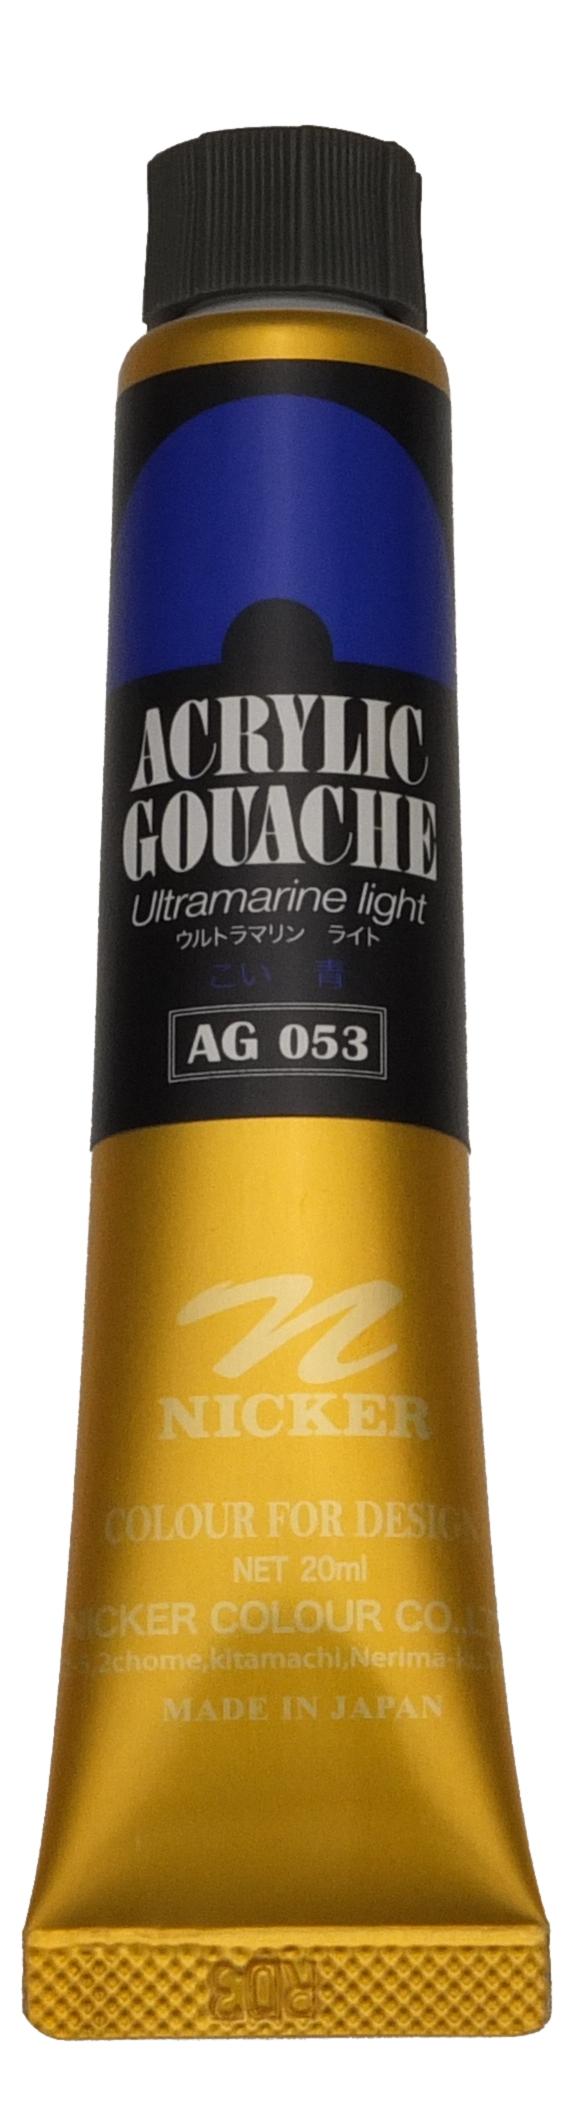 ACRYLIC GOUACHE 20ml AG053 ULTRAMARINE LIGHT